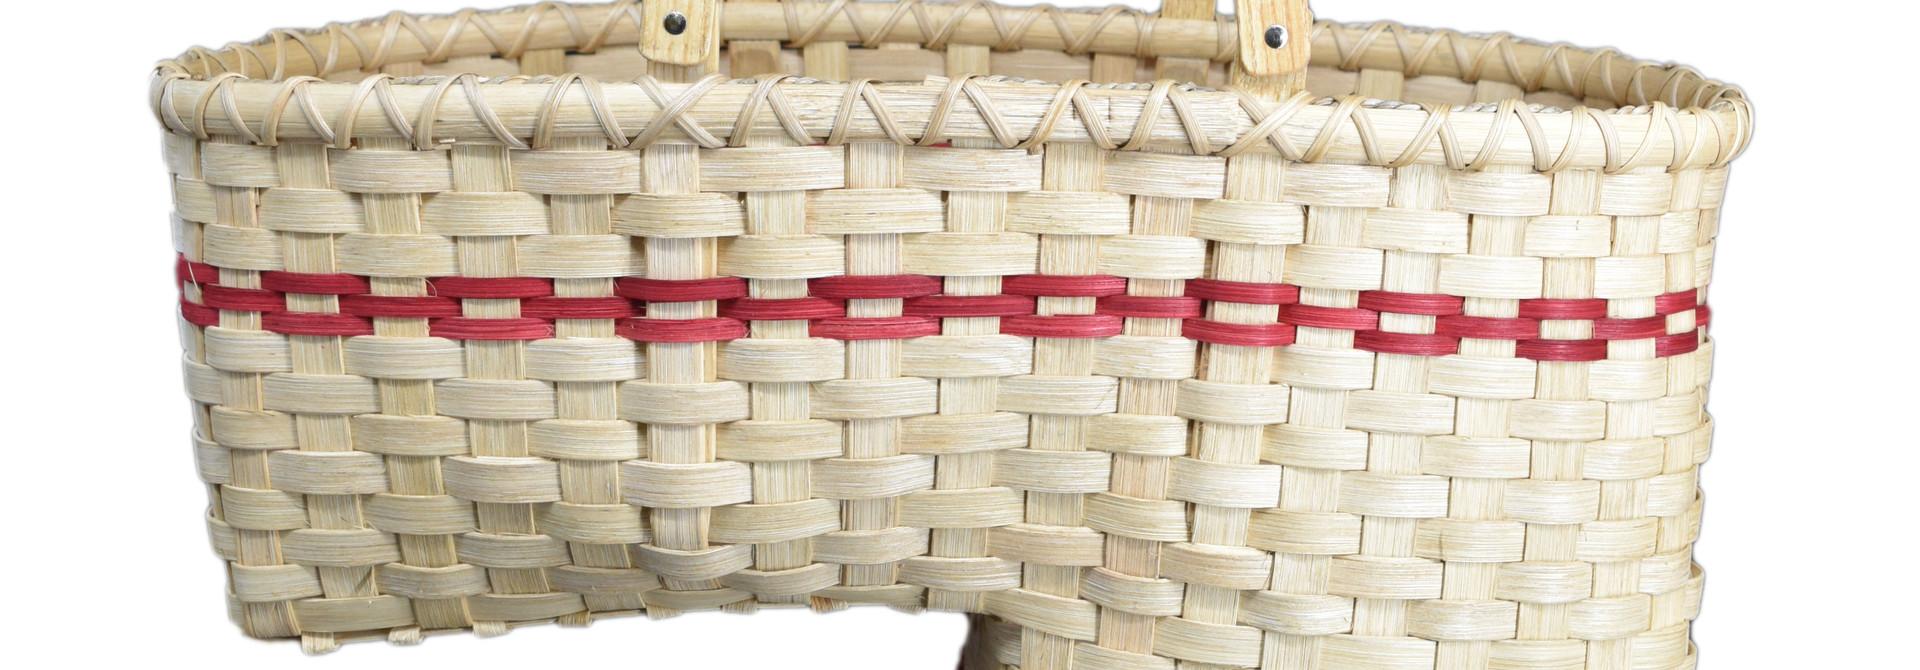 Large Stair Step Basket